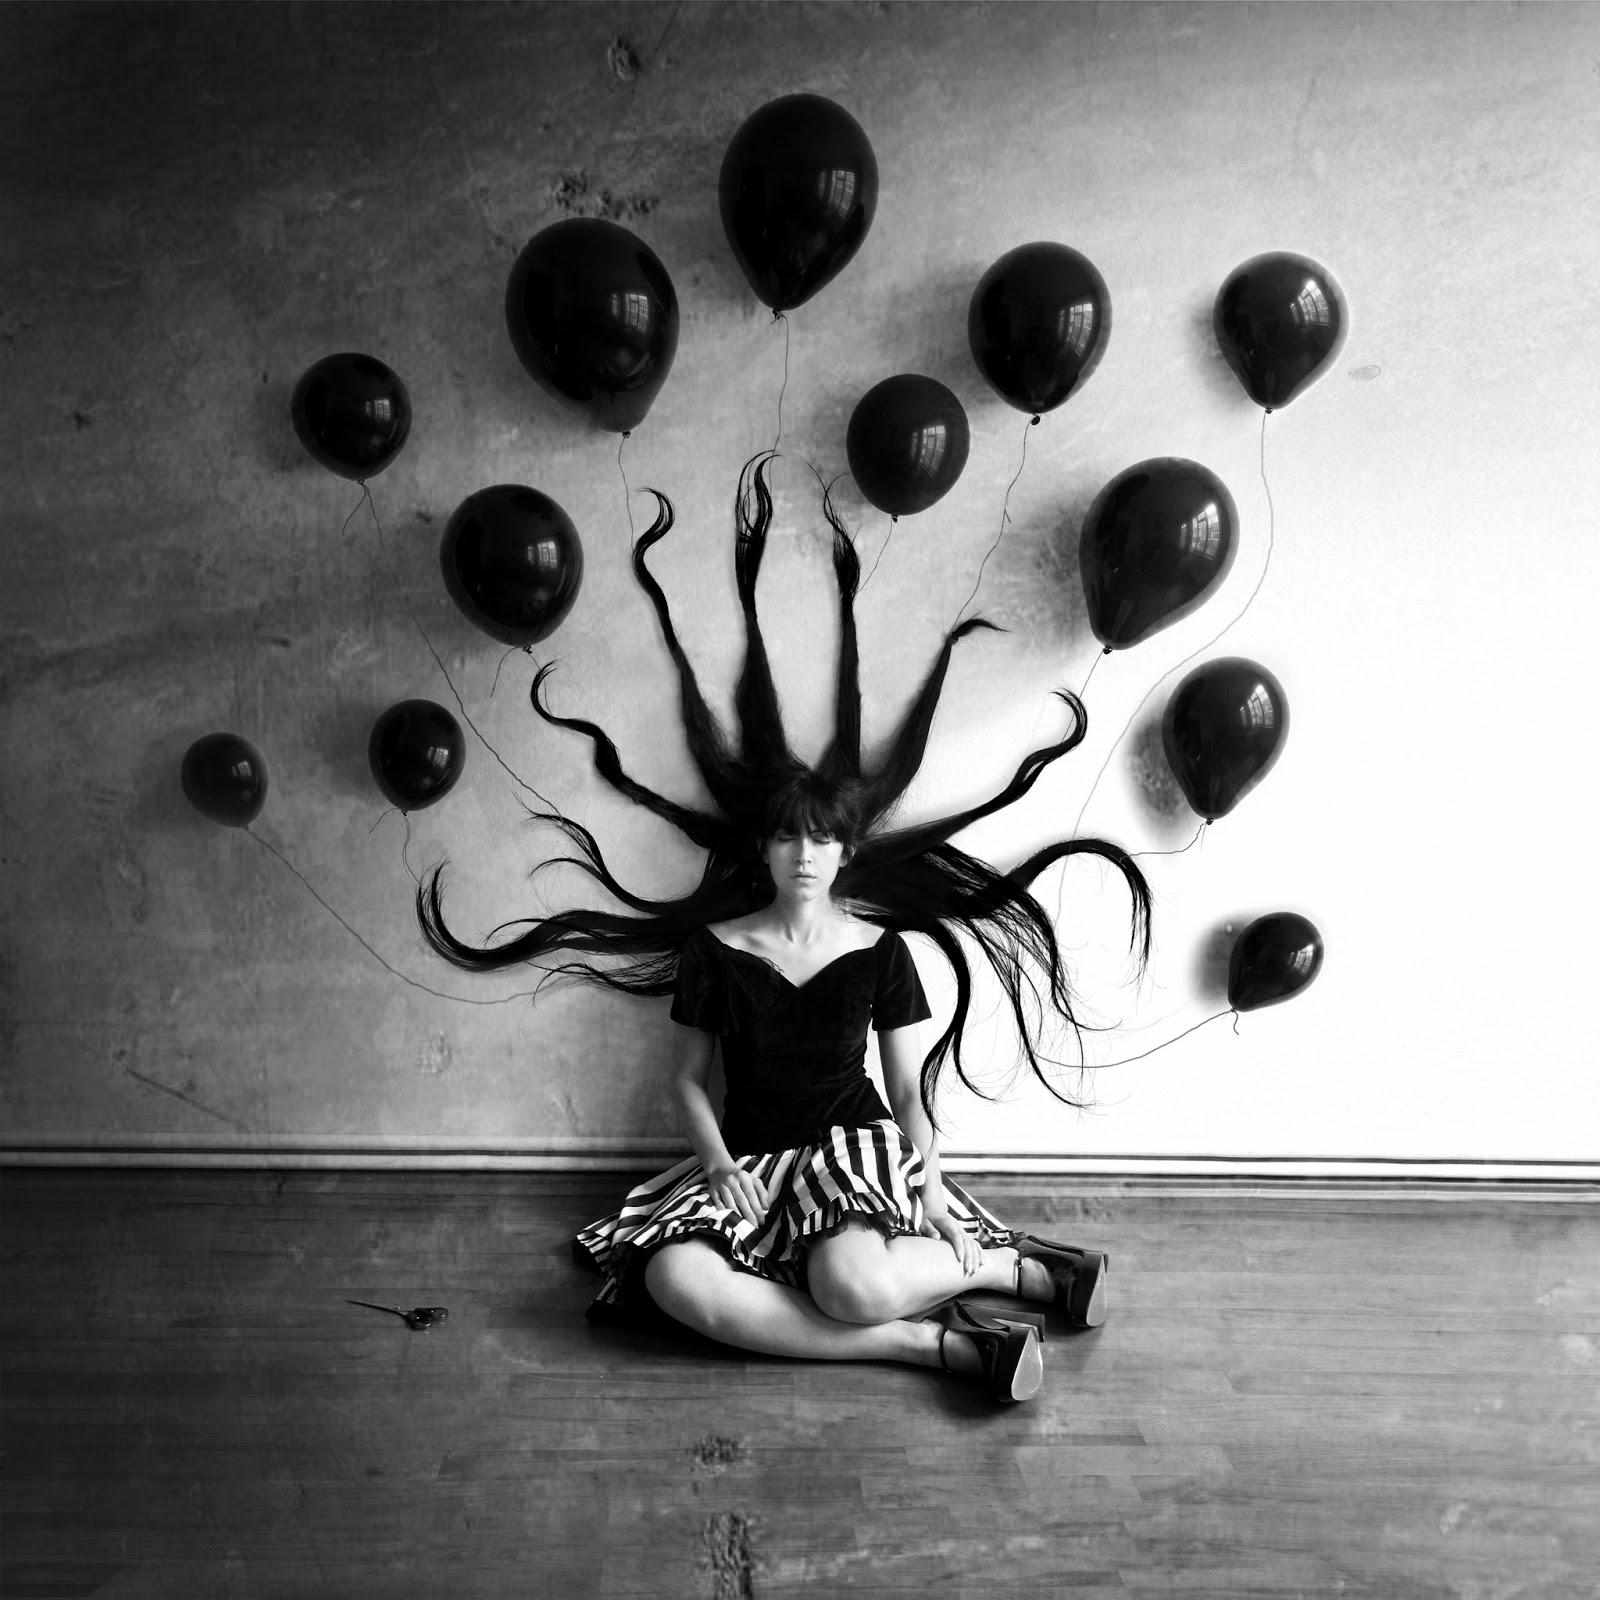 3 + 1: Sanat, Canlı Olma Durumu ile Kesişince